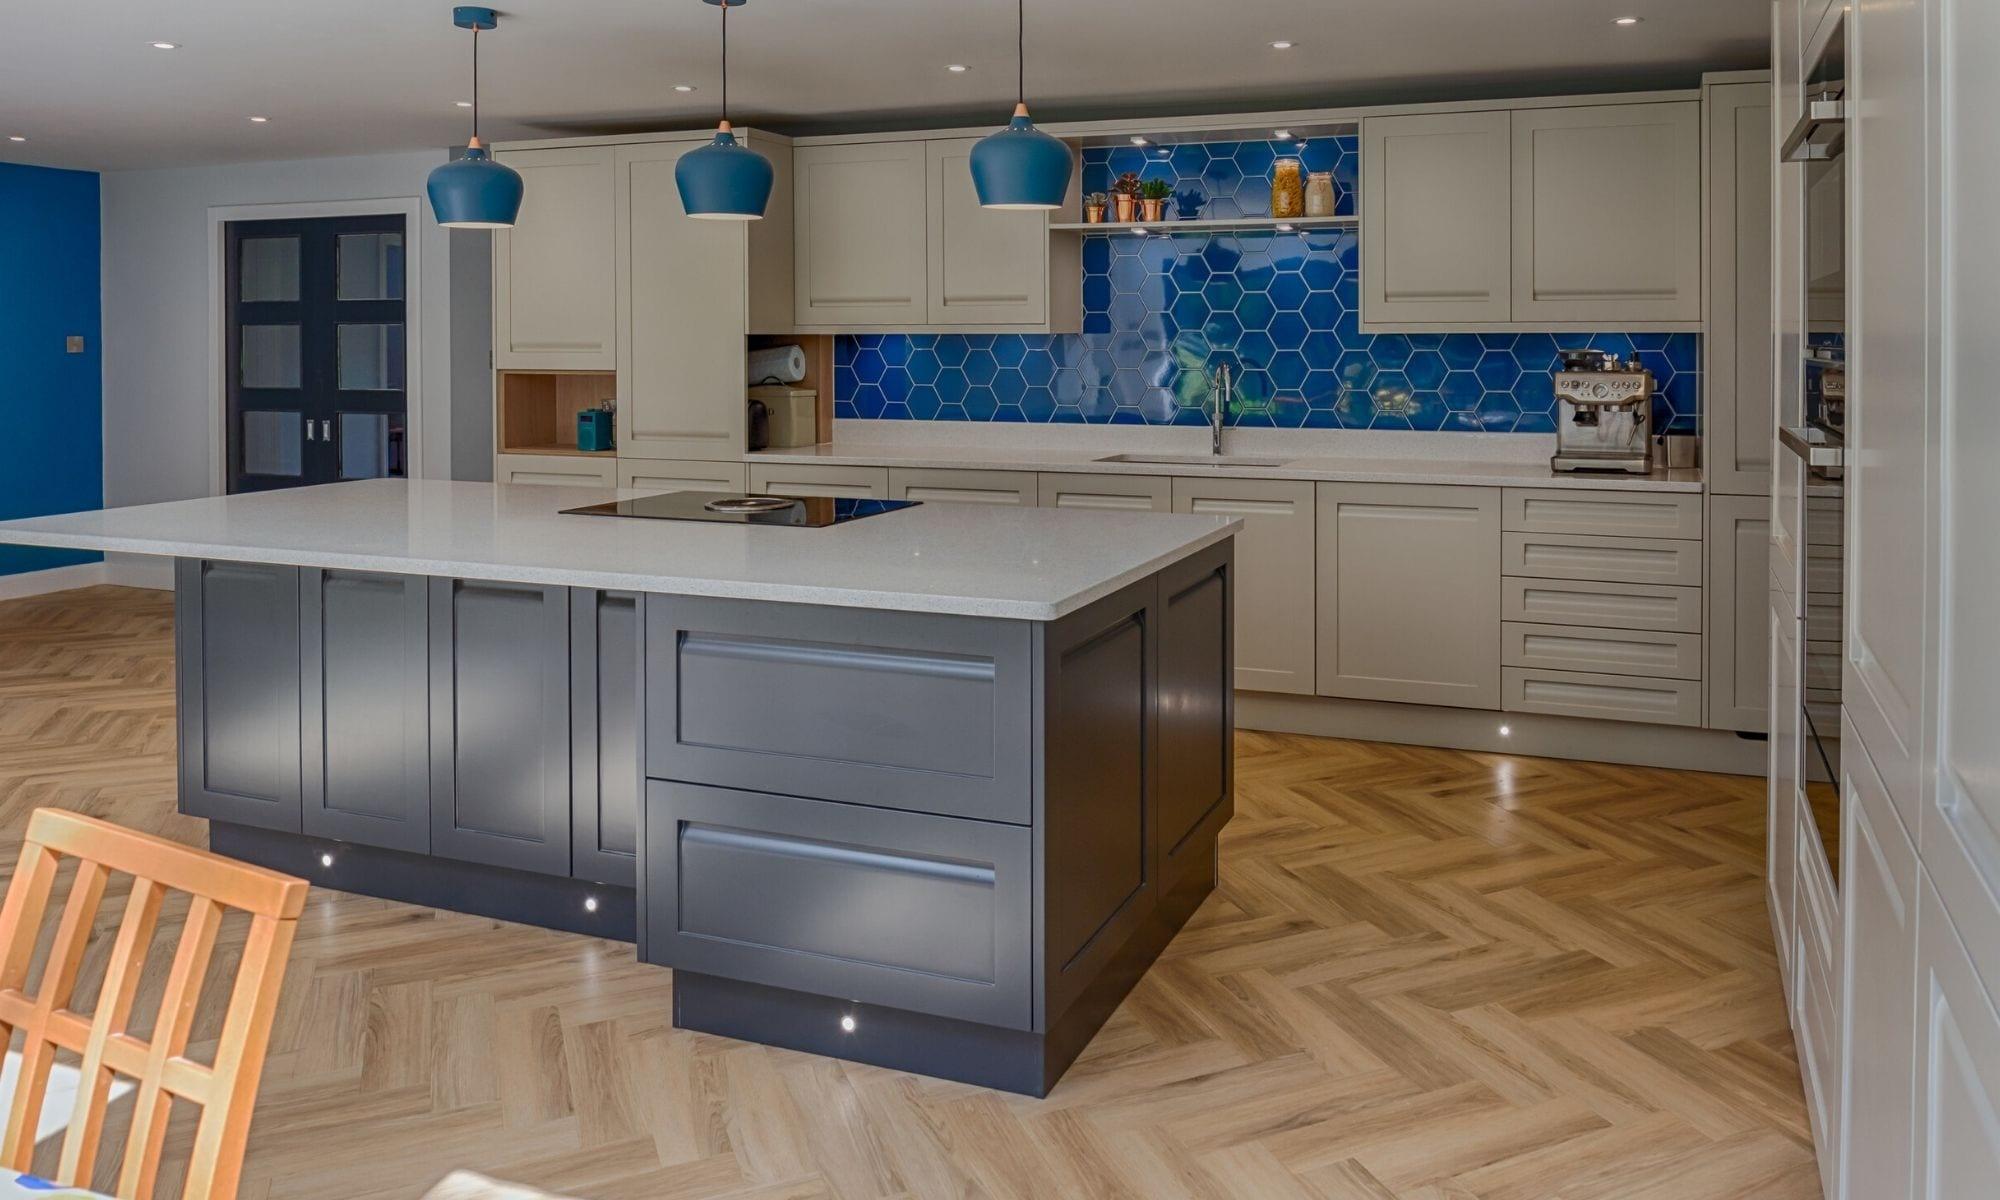 Kitchen with herringbone floor